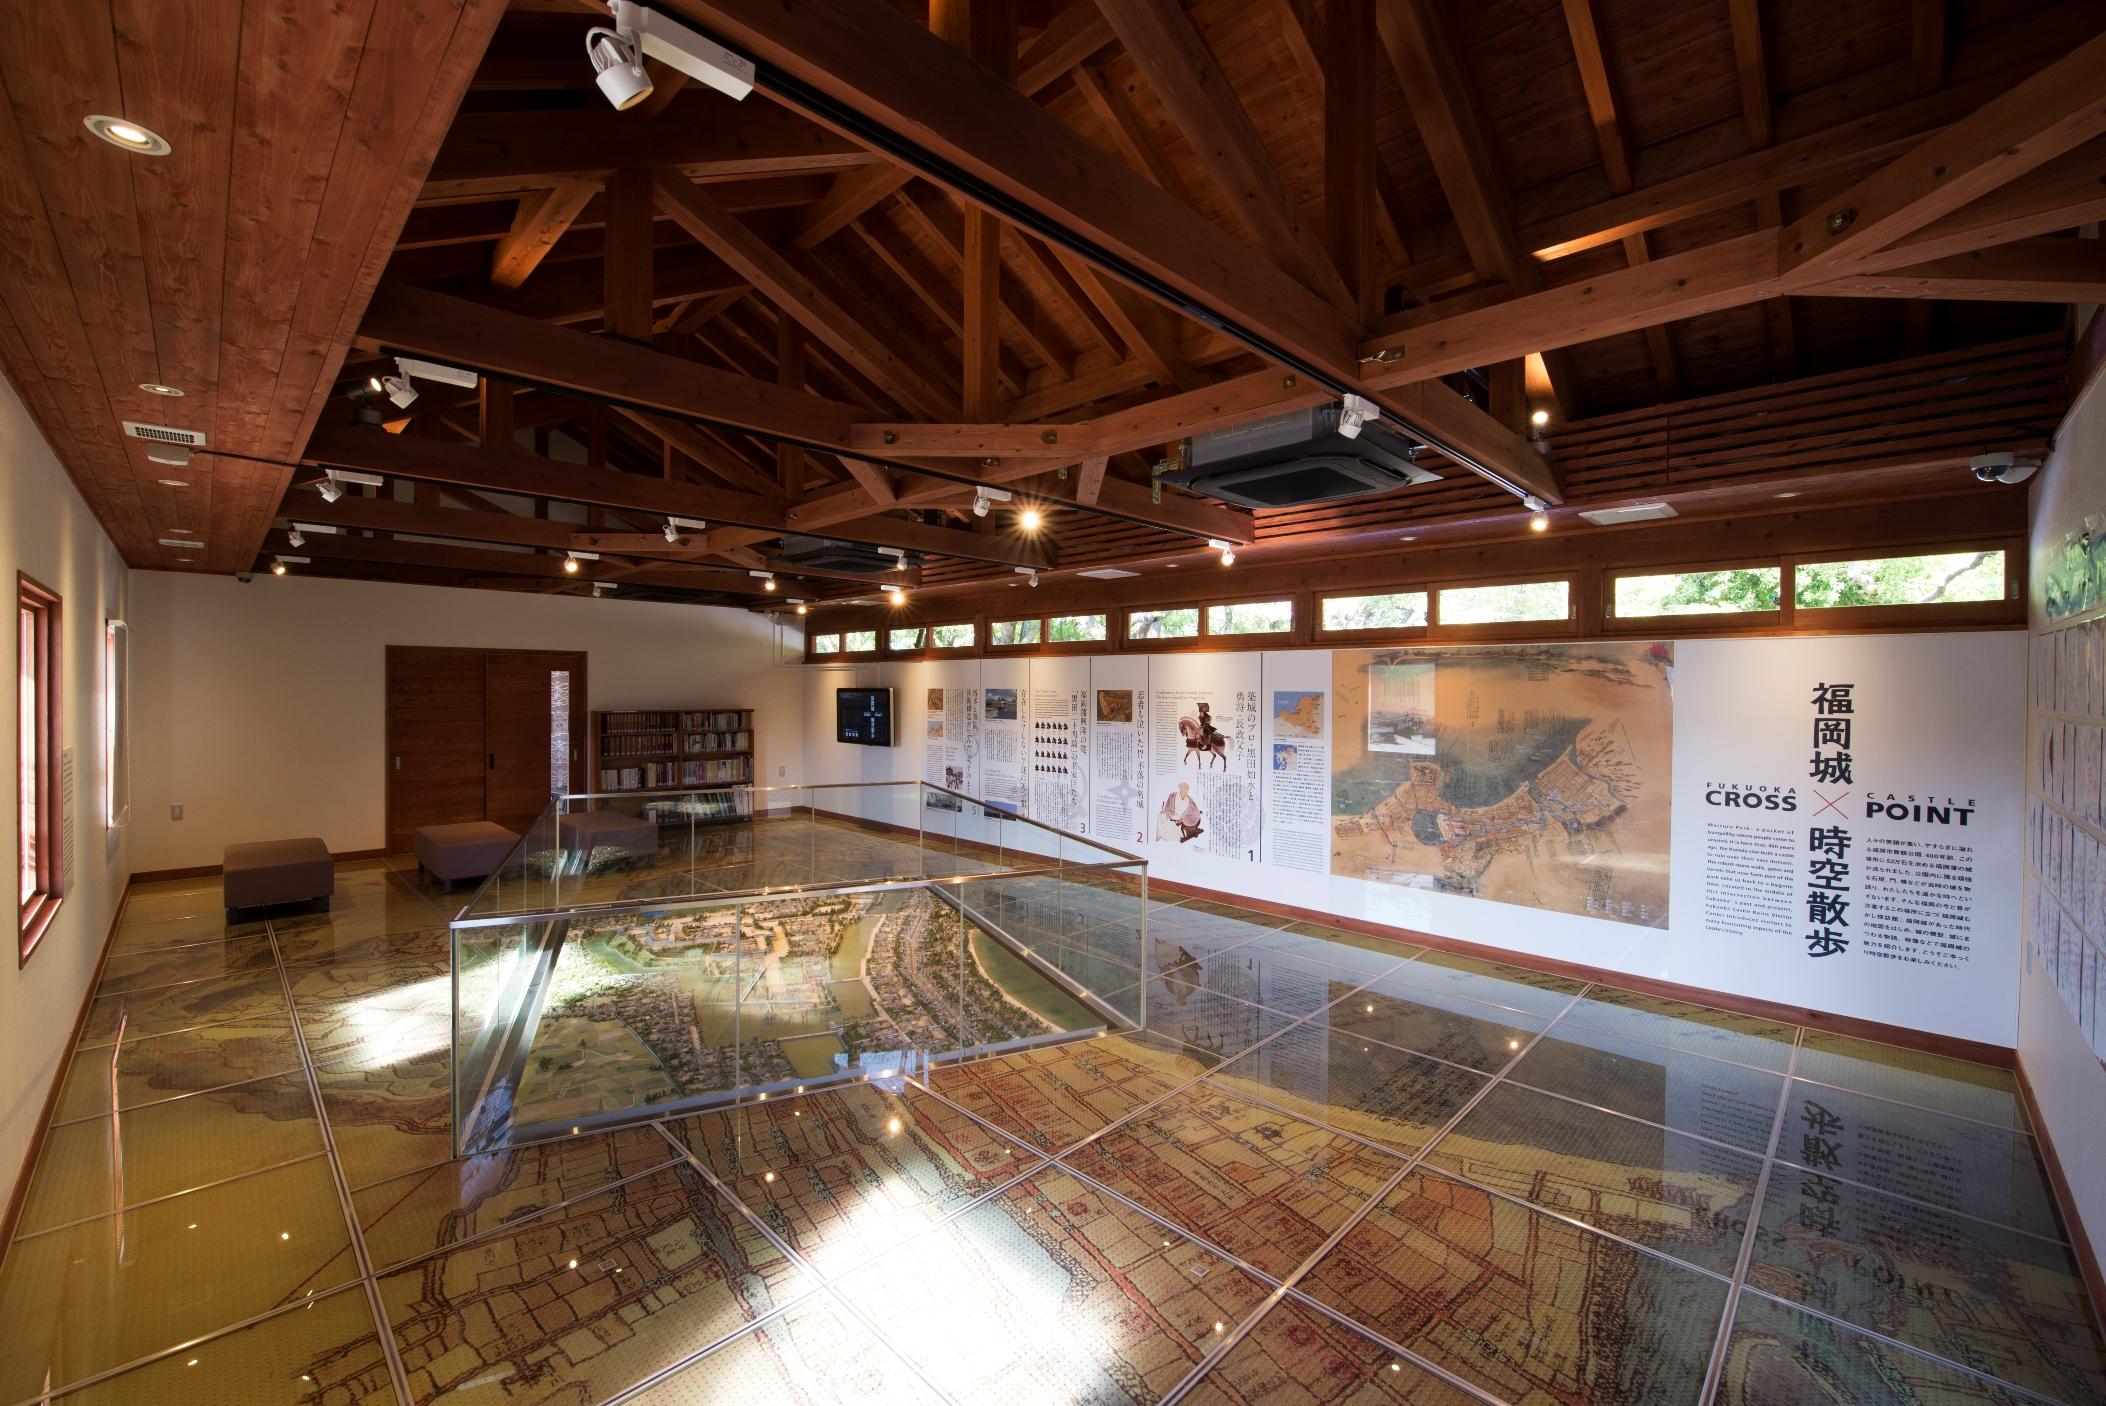 福岡城むかし探訪館(2013)の画像